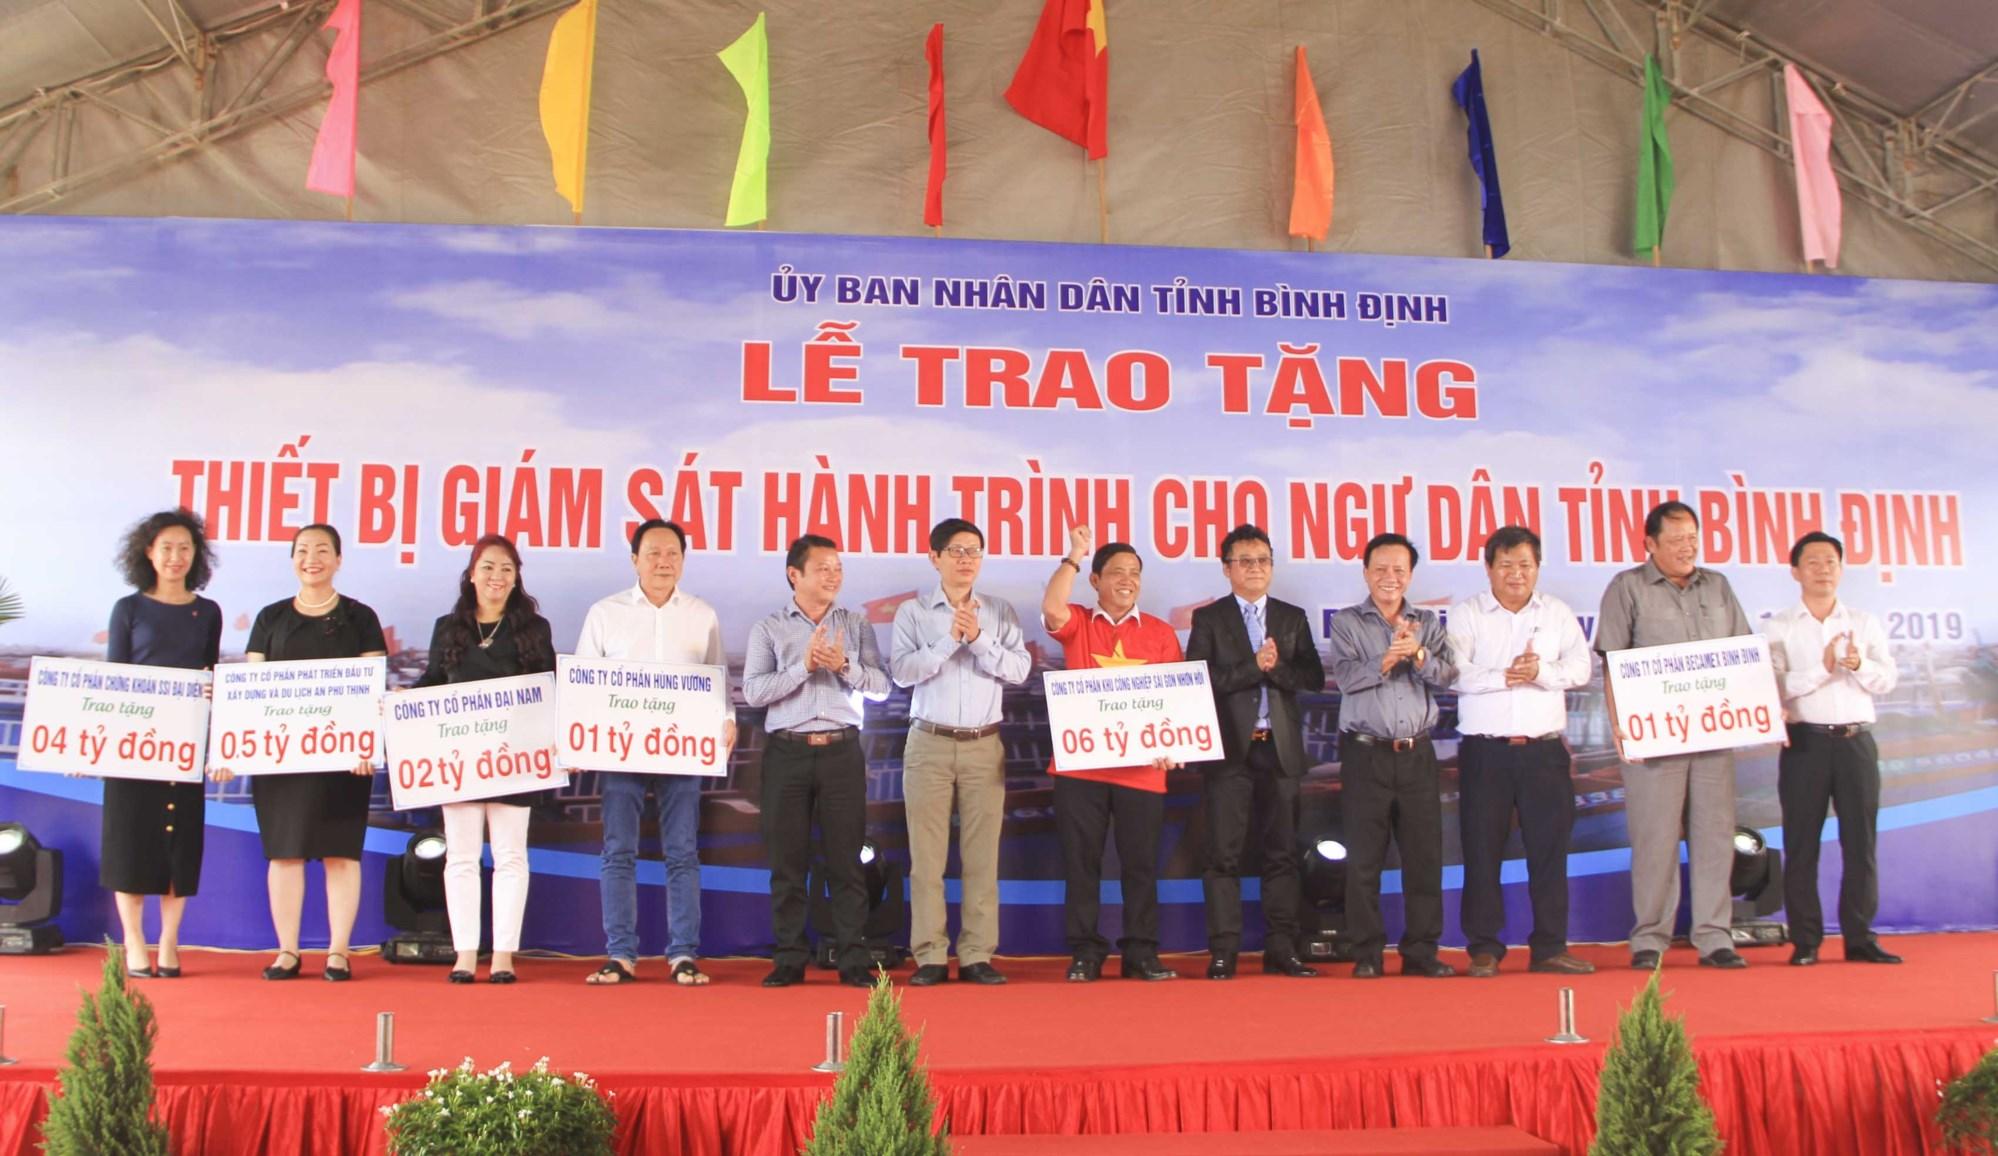 Các nhà tài trợ đóng góp kinh phí, đồng hành cùng ngư dân bám biển